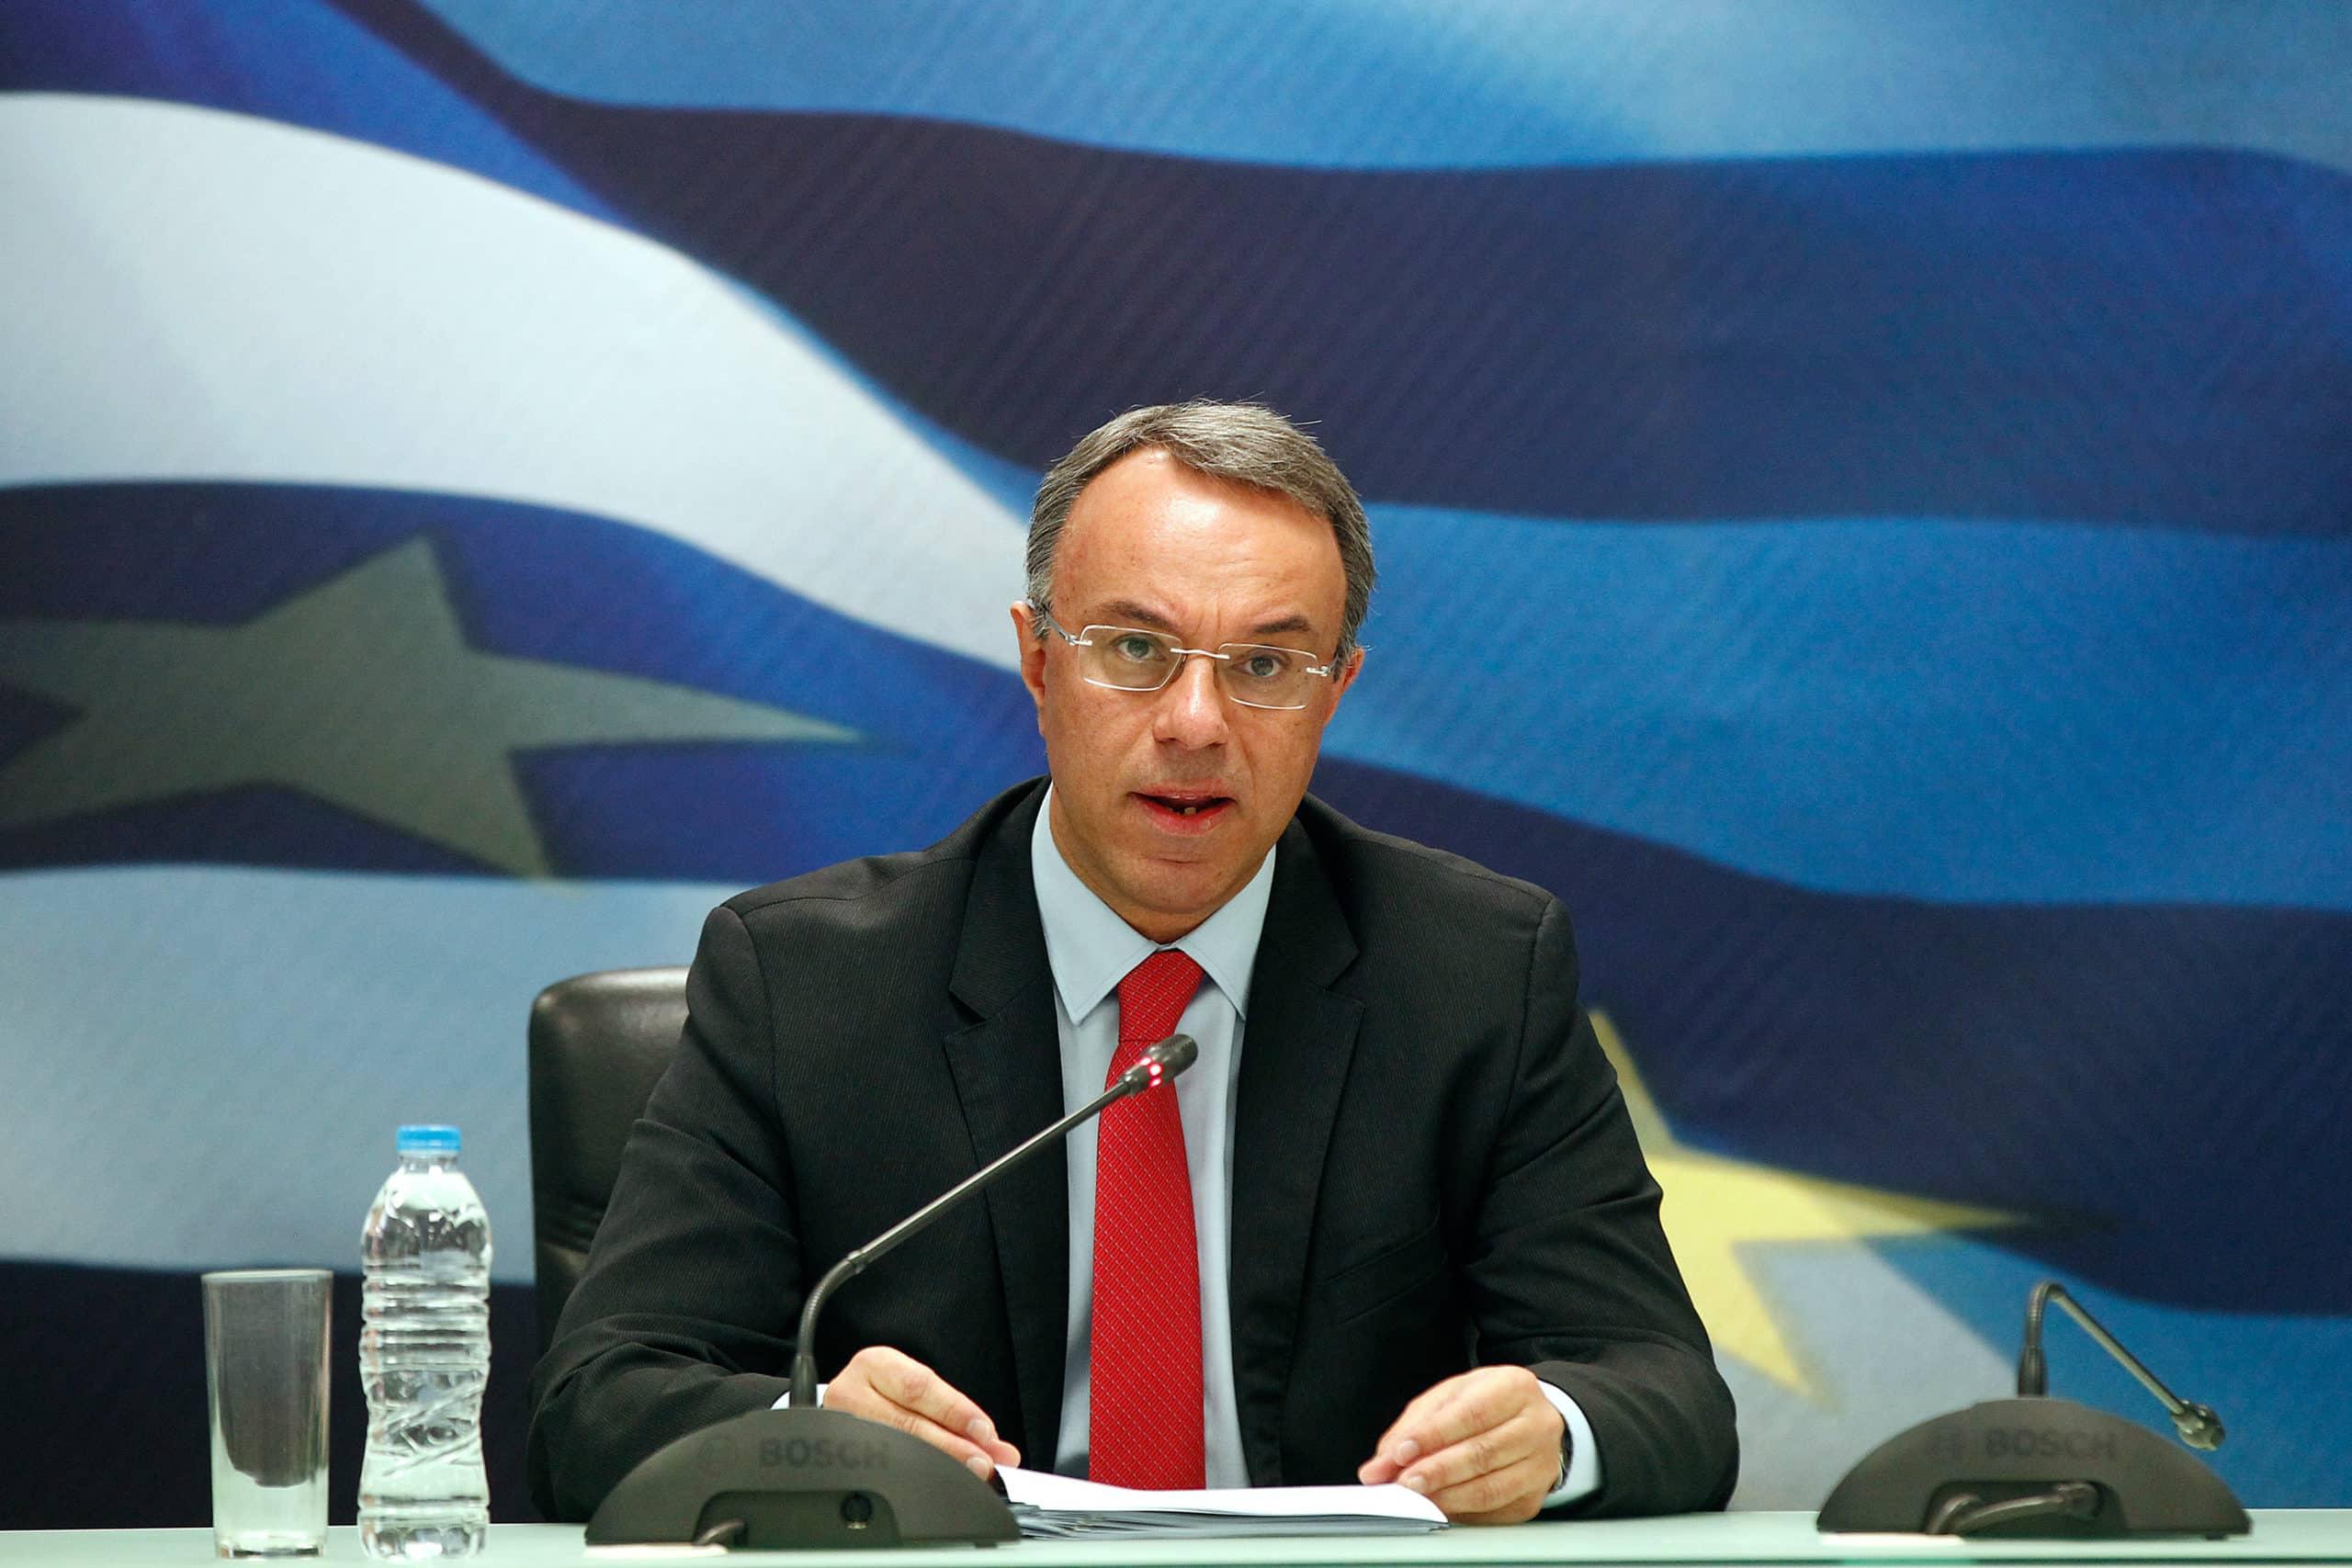 800 ευρώ Πότε μπαίνει Επίδομα και έκτακτο δώρο Πάσχα Μείωση μισθών στο δημόσιο: Τι είπε ο Σταϊκούρας